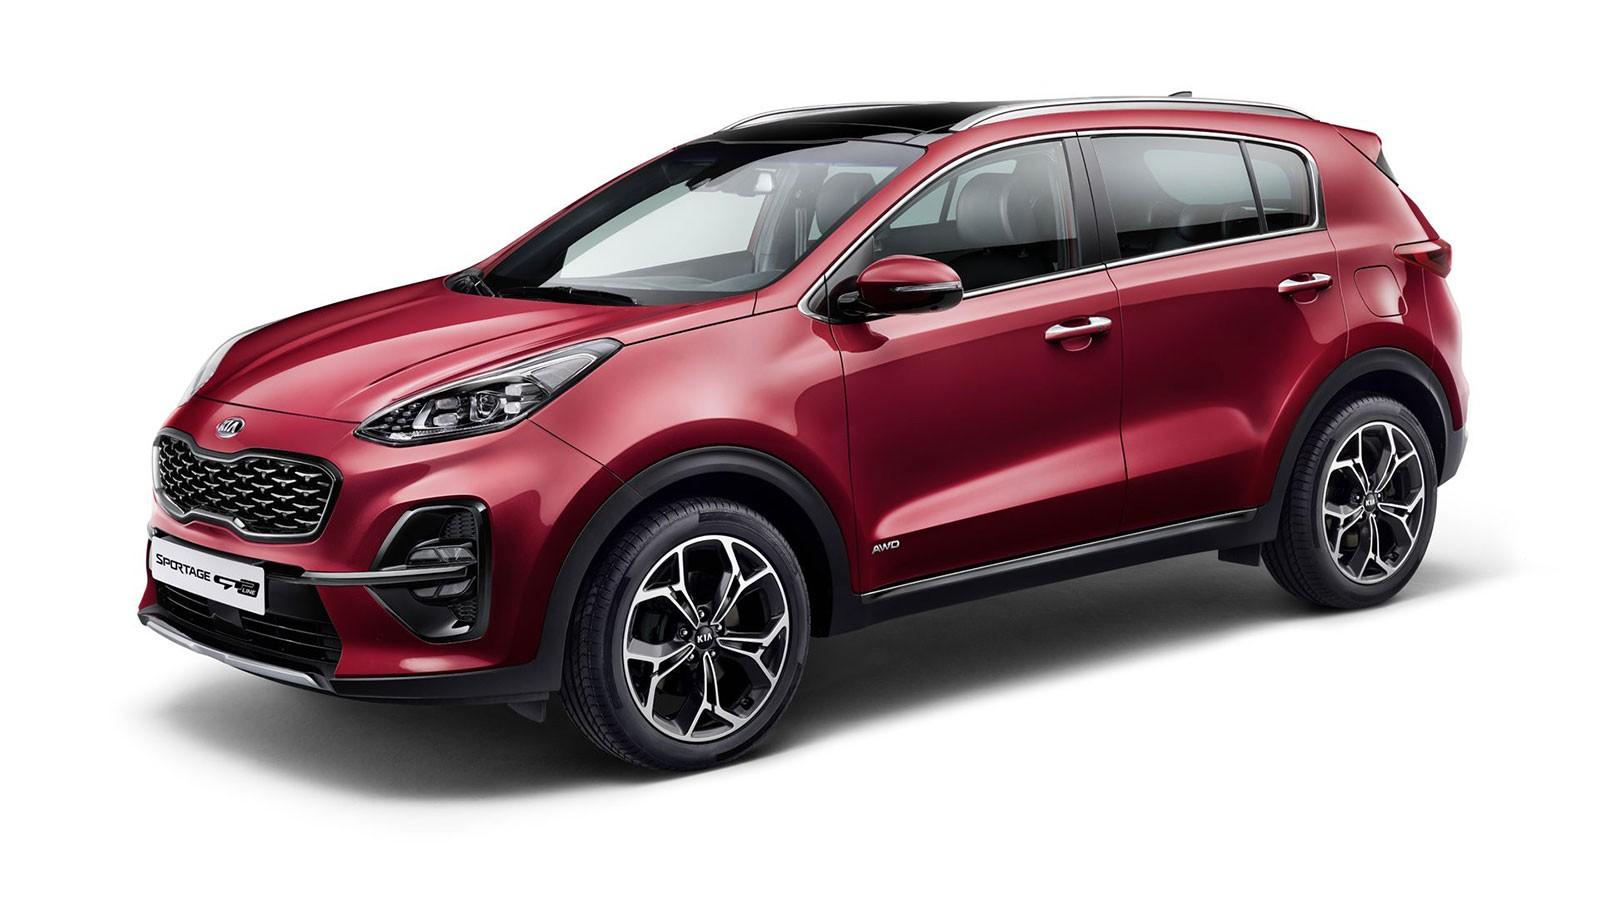 Sportage là mẫu xe bán chạy nhất của thương hiệu Kia trong năm 2018